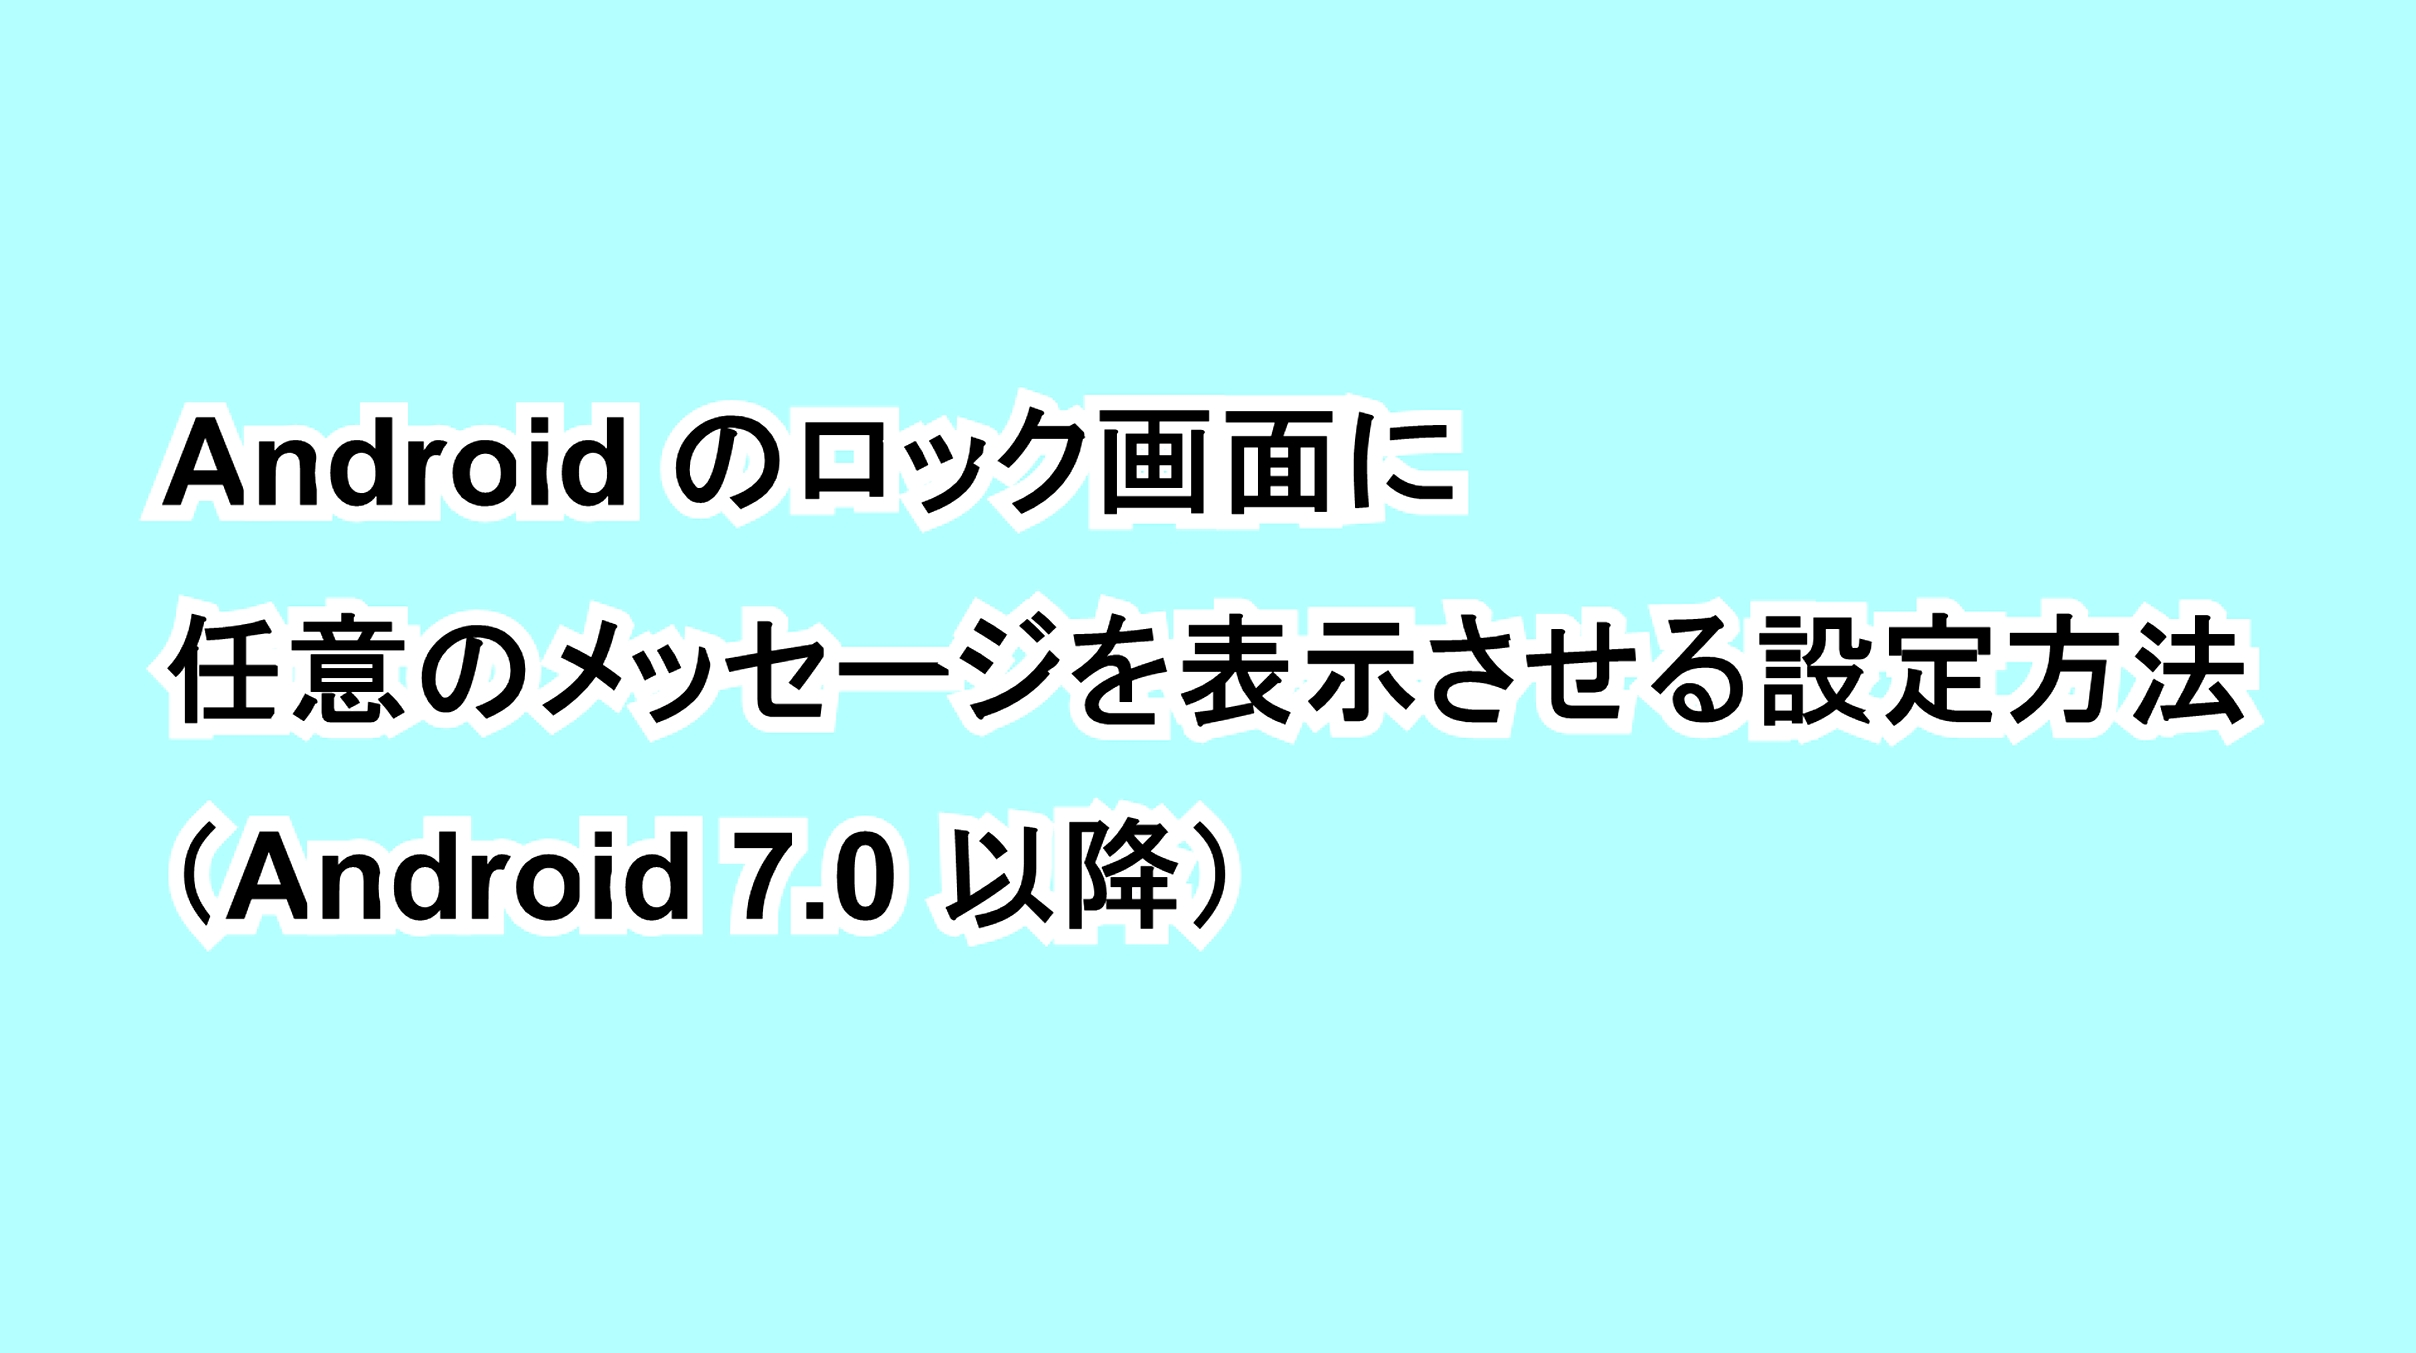 Androidのロック画面に任意のメッセージを表示させる設定方法(Android 7.0以降)